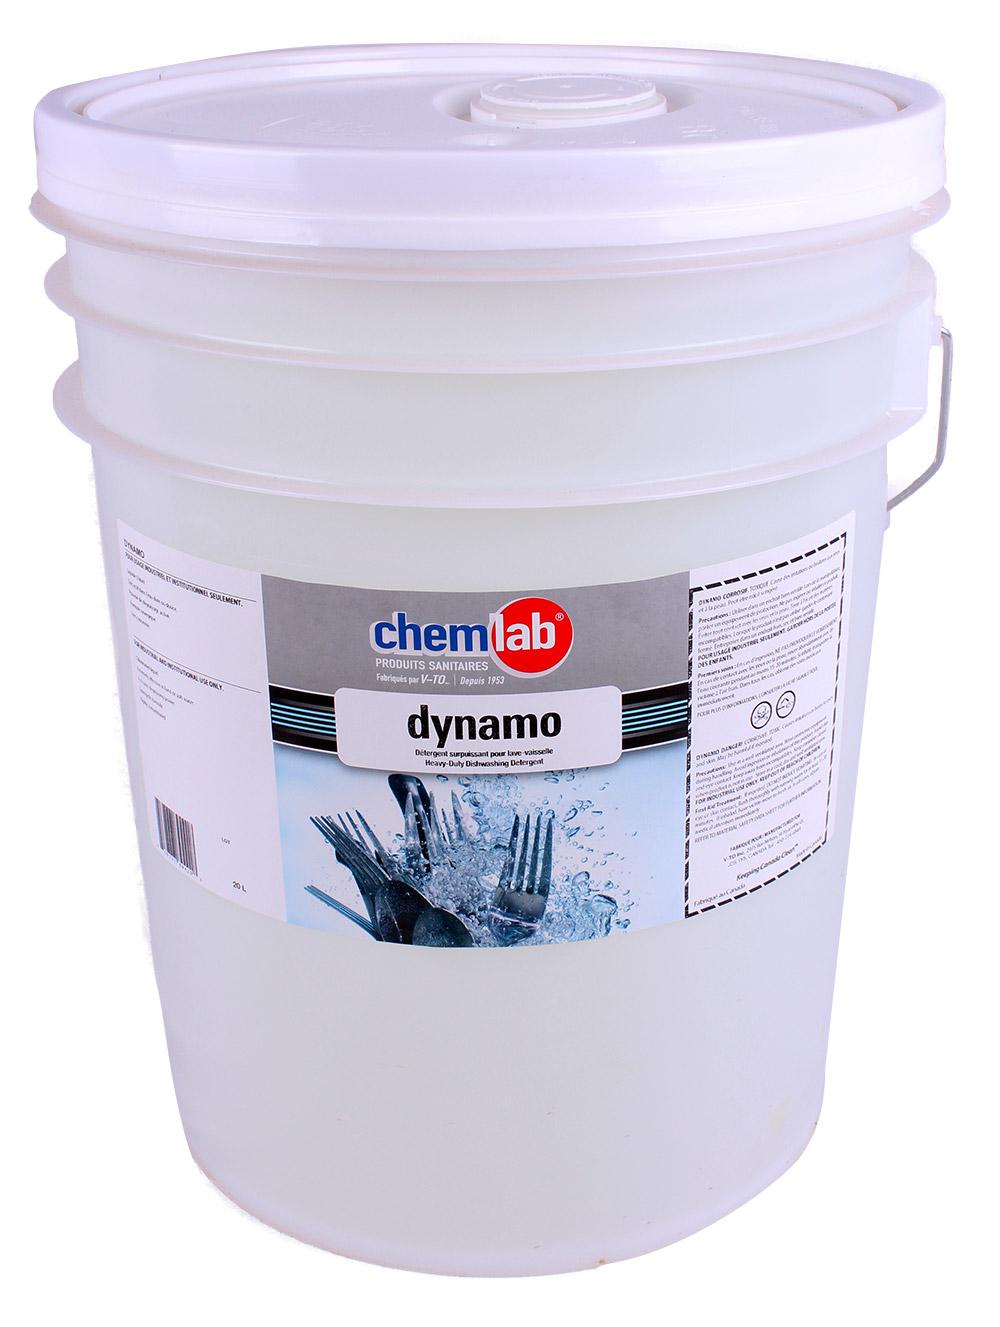 Dynamo – Détergent liquide à lave-vaisselle